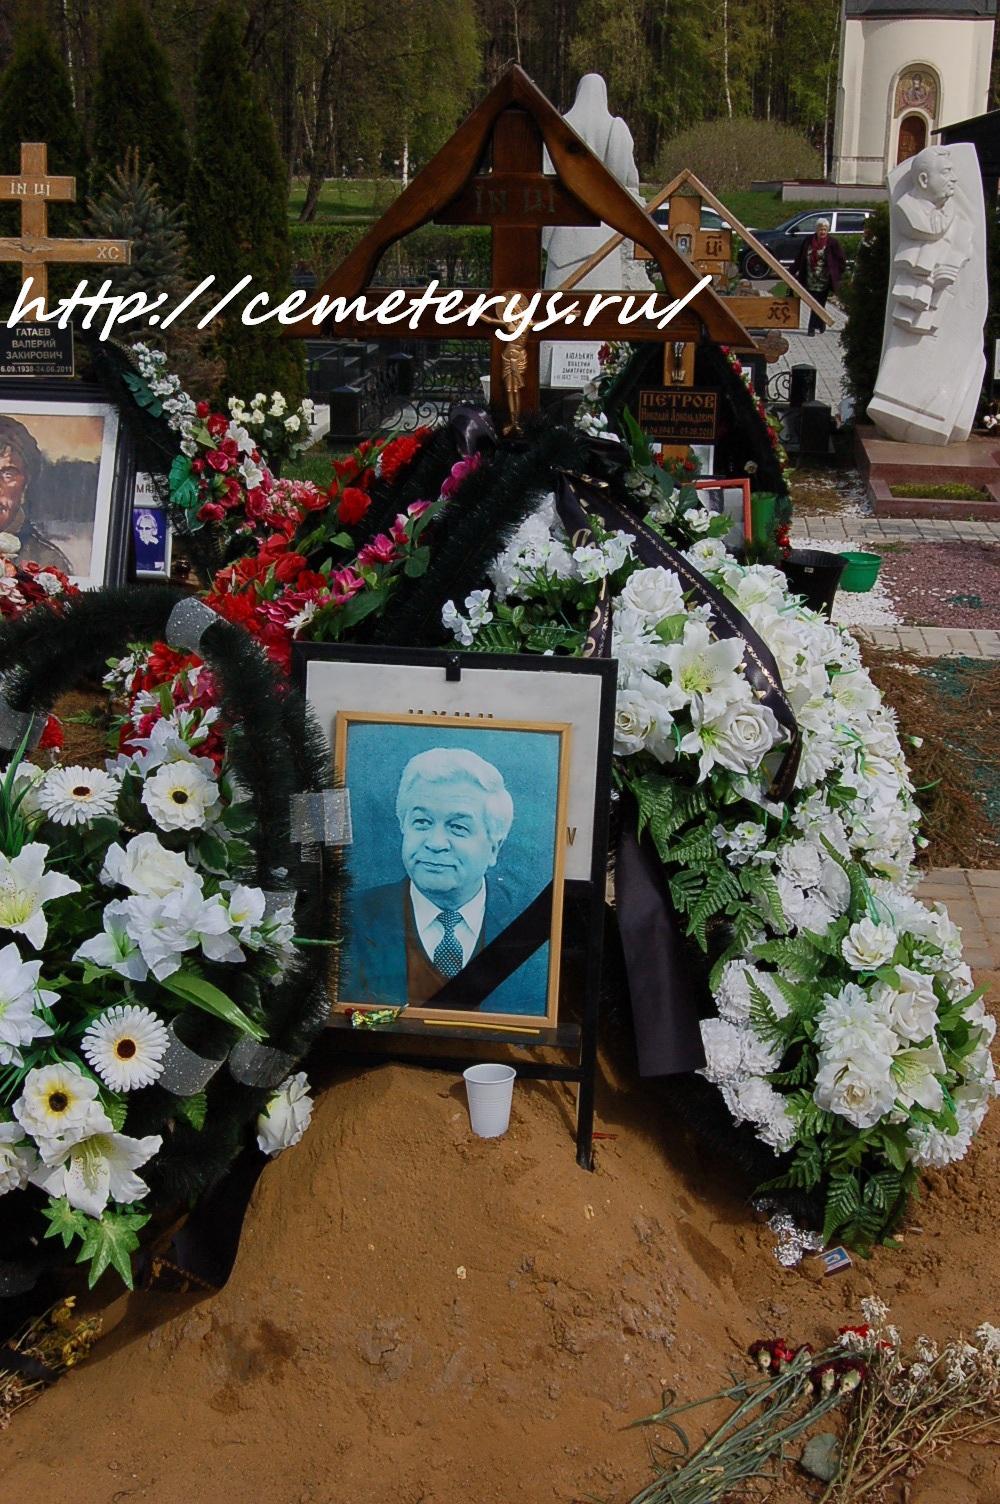 могила Владимира Ухина на Троекуровском кладбище в Москве (вид могилы до установки памятника)( фото Дмитрия Кондратьева)